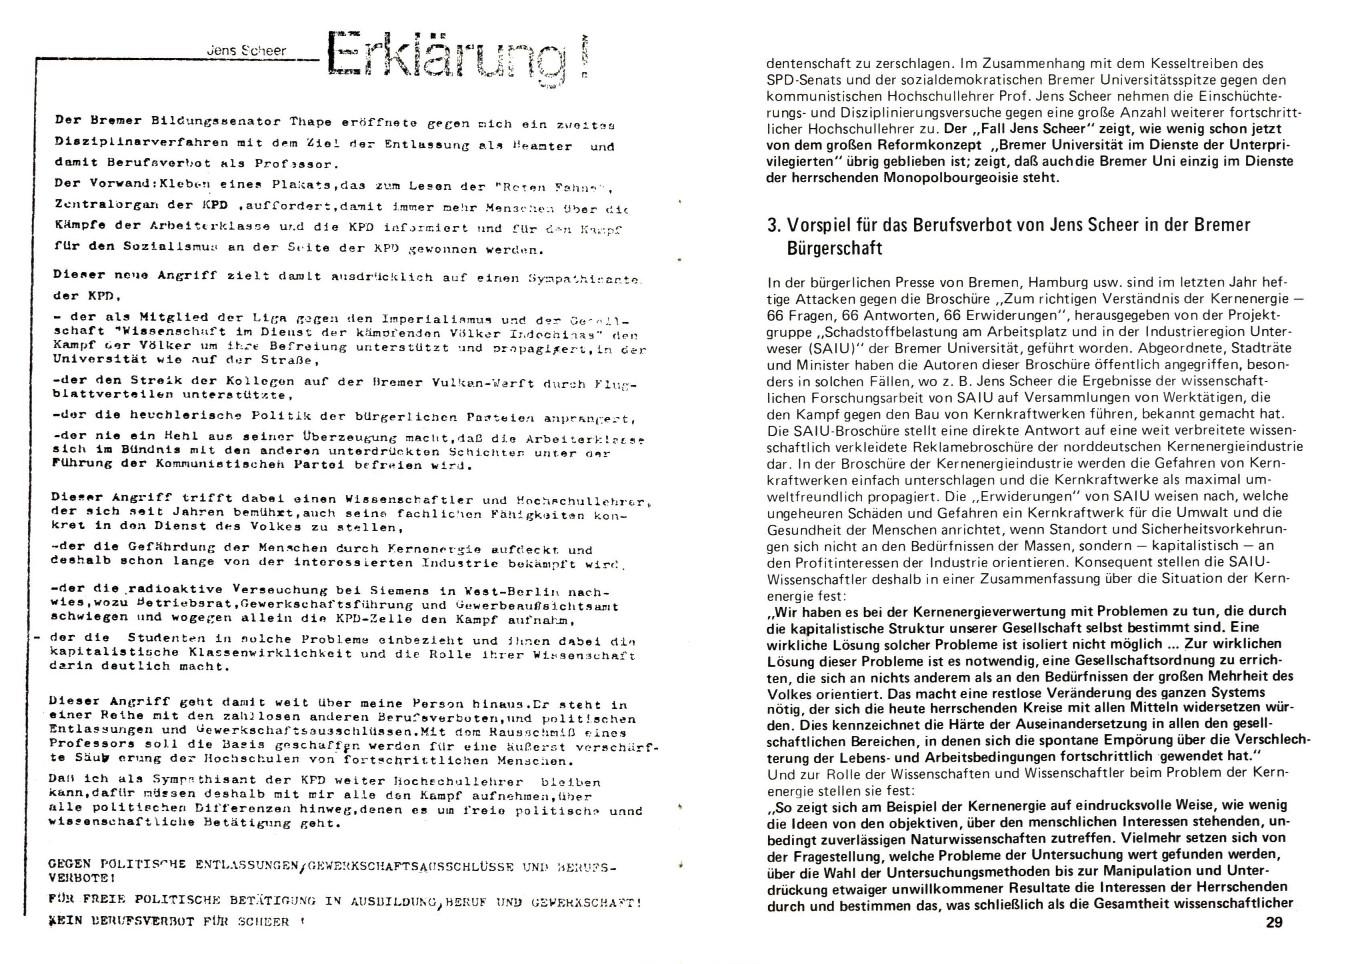 KSV_1975_Scheer_Schneider_Sigrist_15